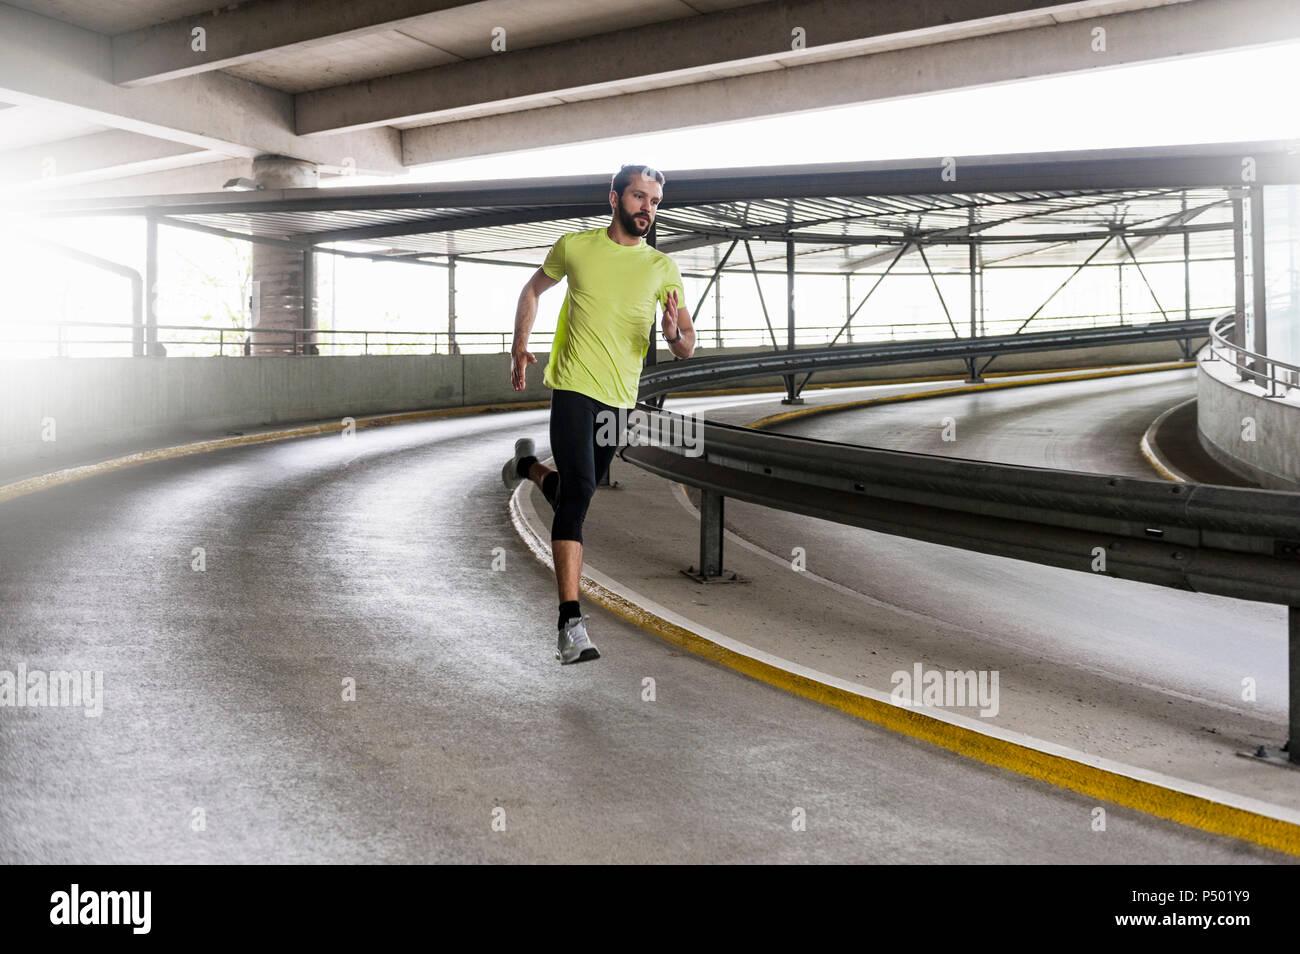 Homme qui court dans un garage de stationnement dans un virage Photo Stock